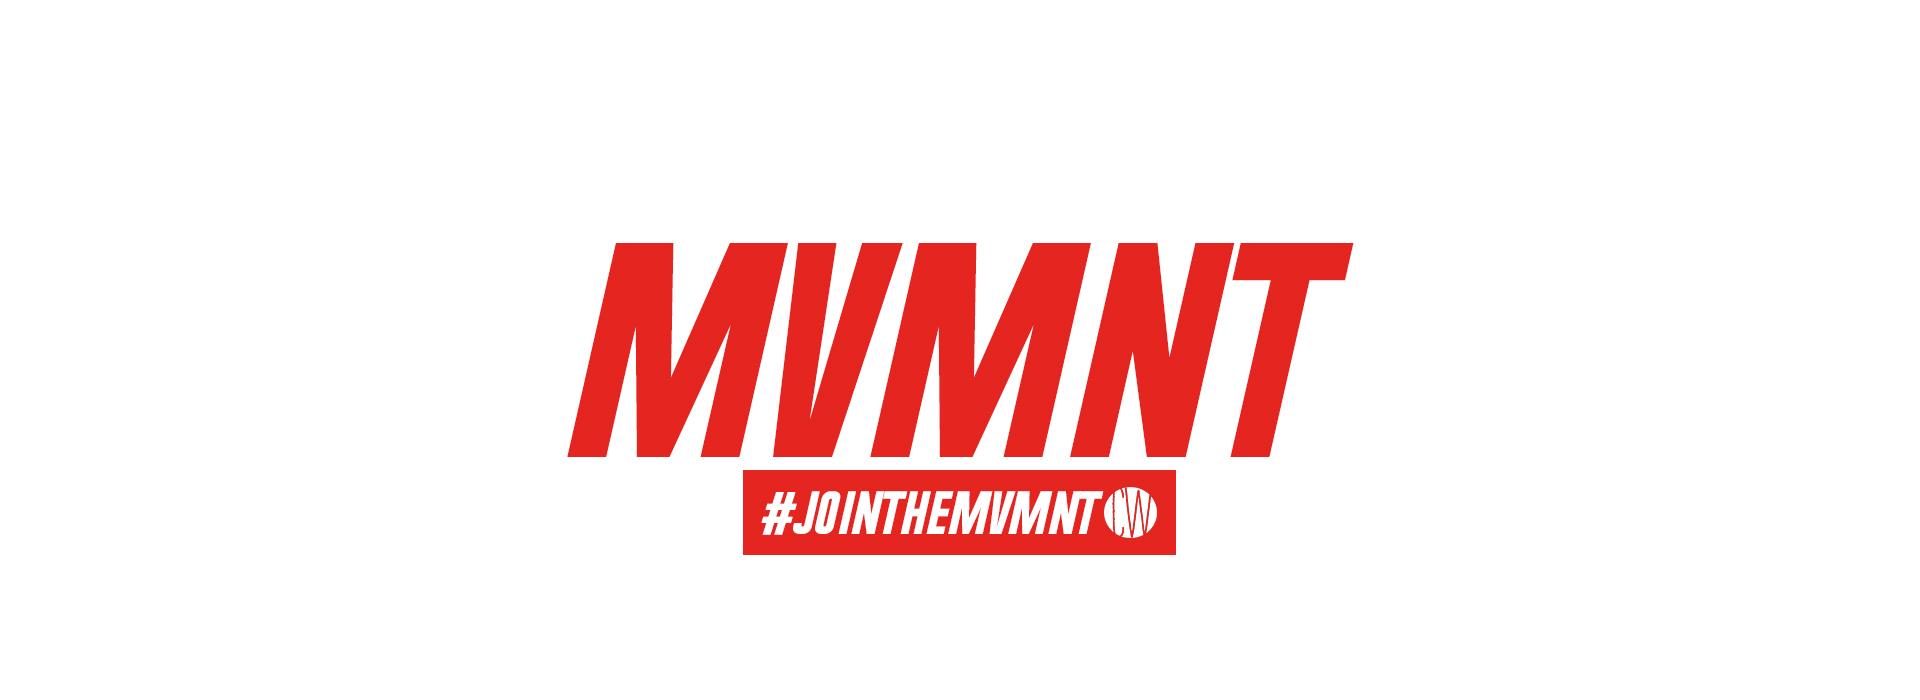 MVMNT Main 1920x700.jpg